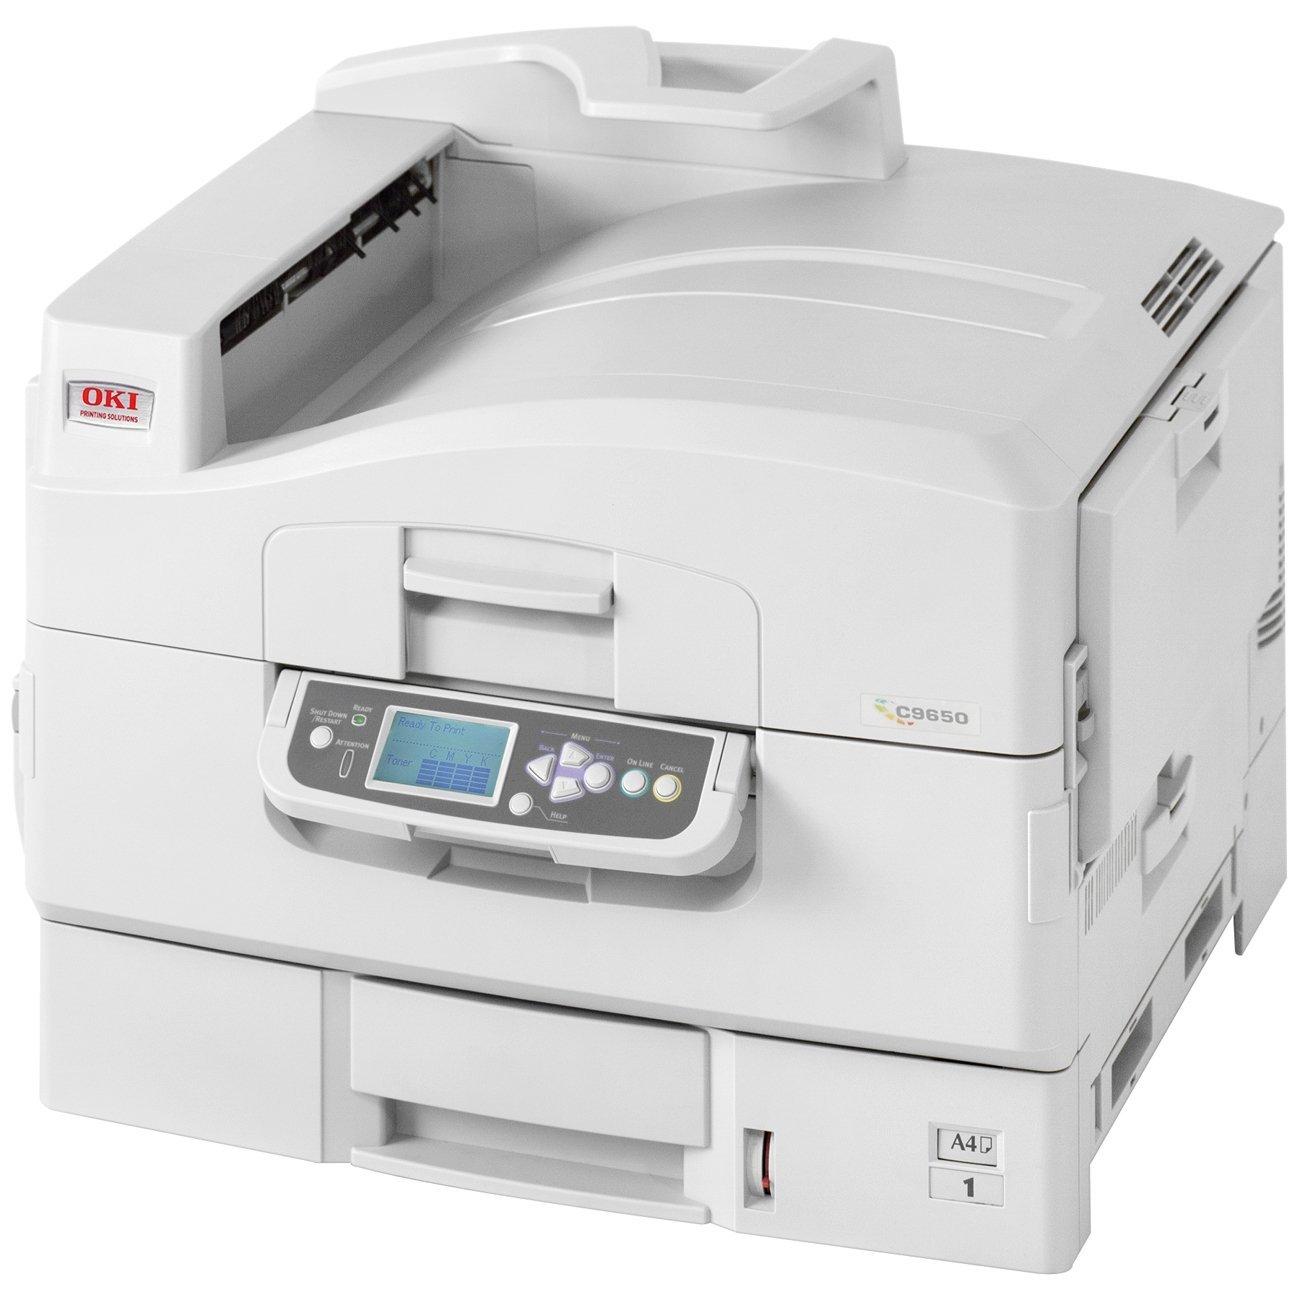 LD 42918103 Type C7 Cyan Laser Toner Cartridge for Okidata Printer